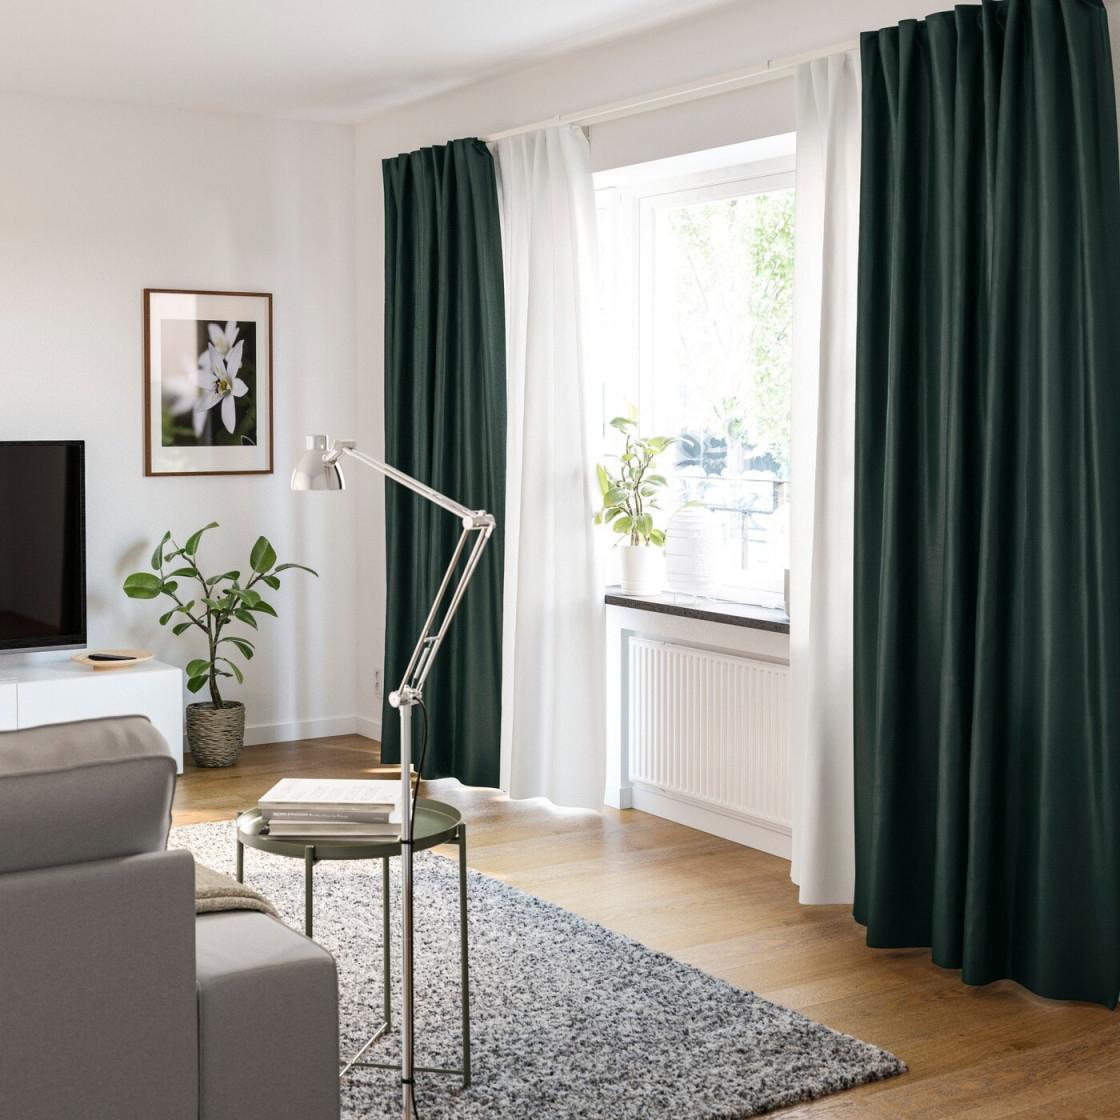 Gardinenideen Inspirationen Für Dein Zuhause  Ikea von Wohnzimmer Gardinen Grau Photo